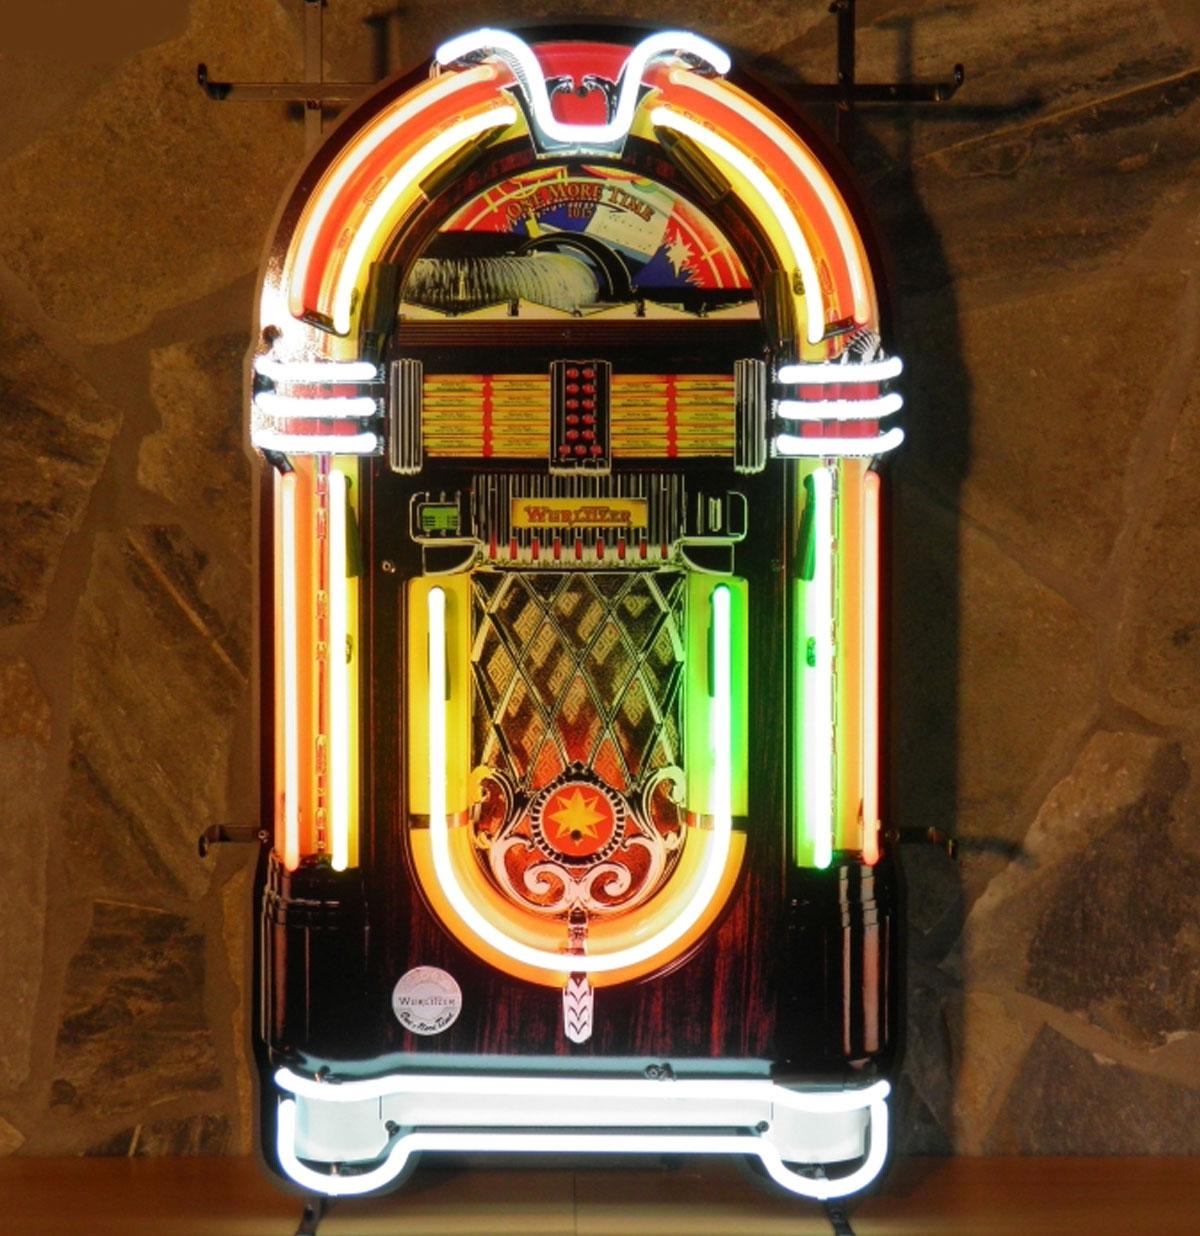 Jukebox Neon Verlichting Met Bord 86 x 51 cm